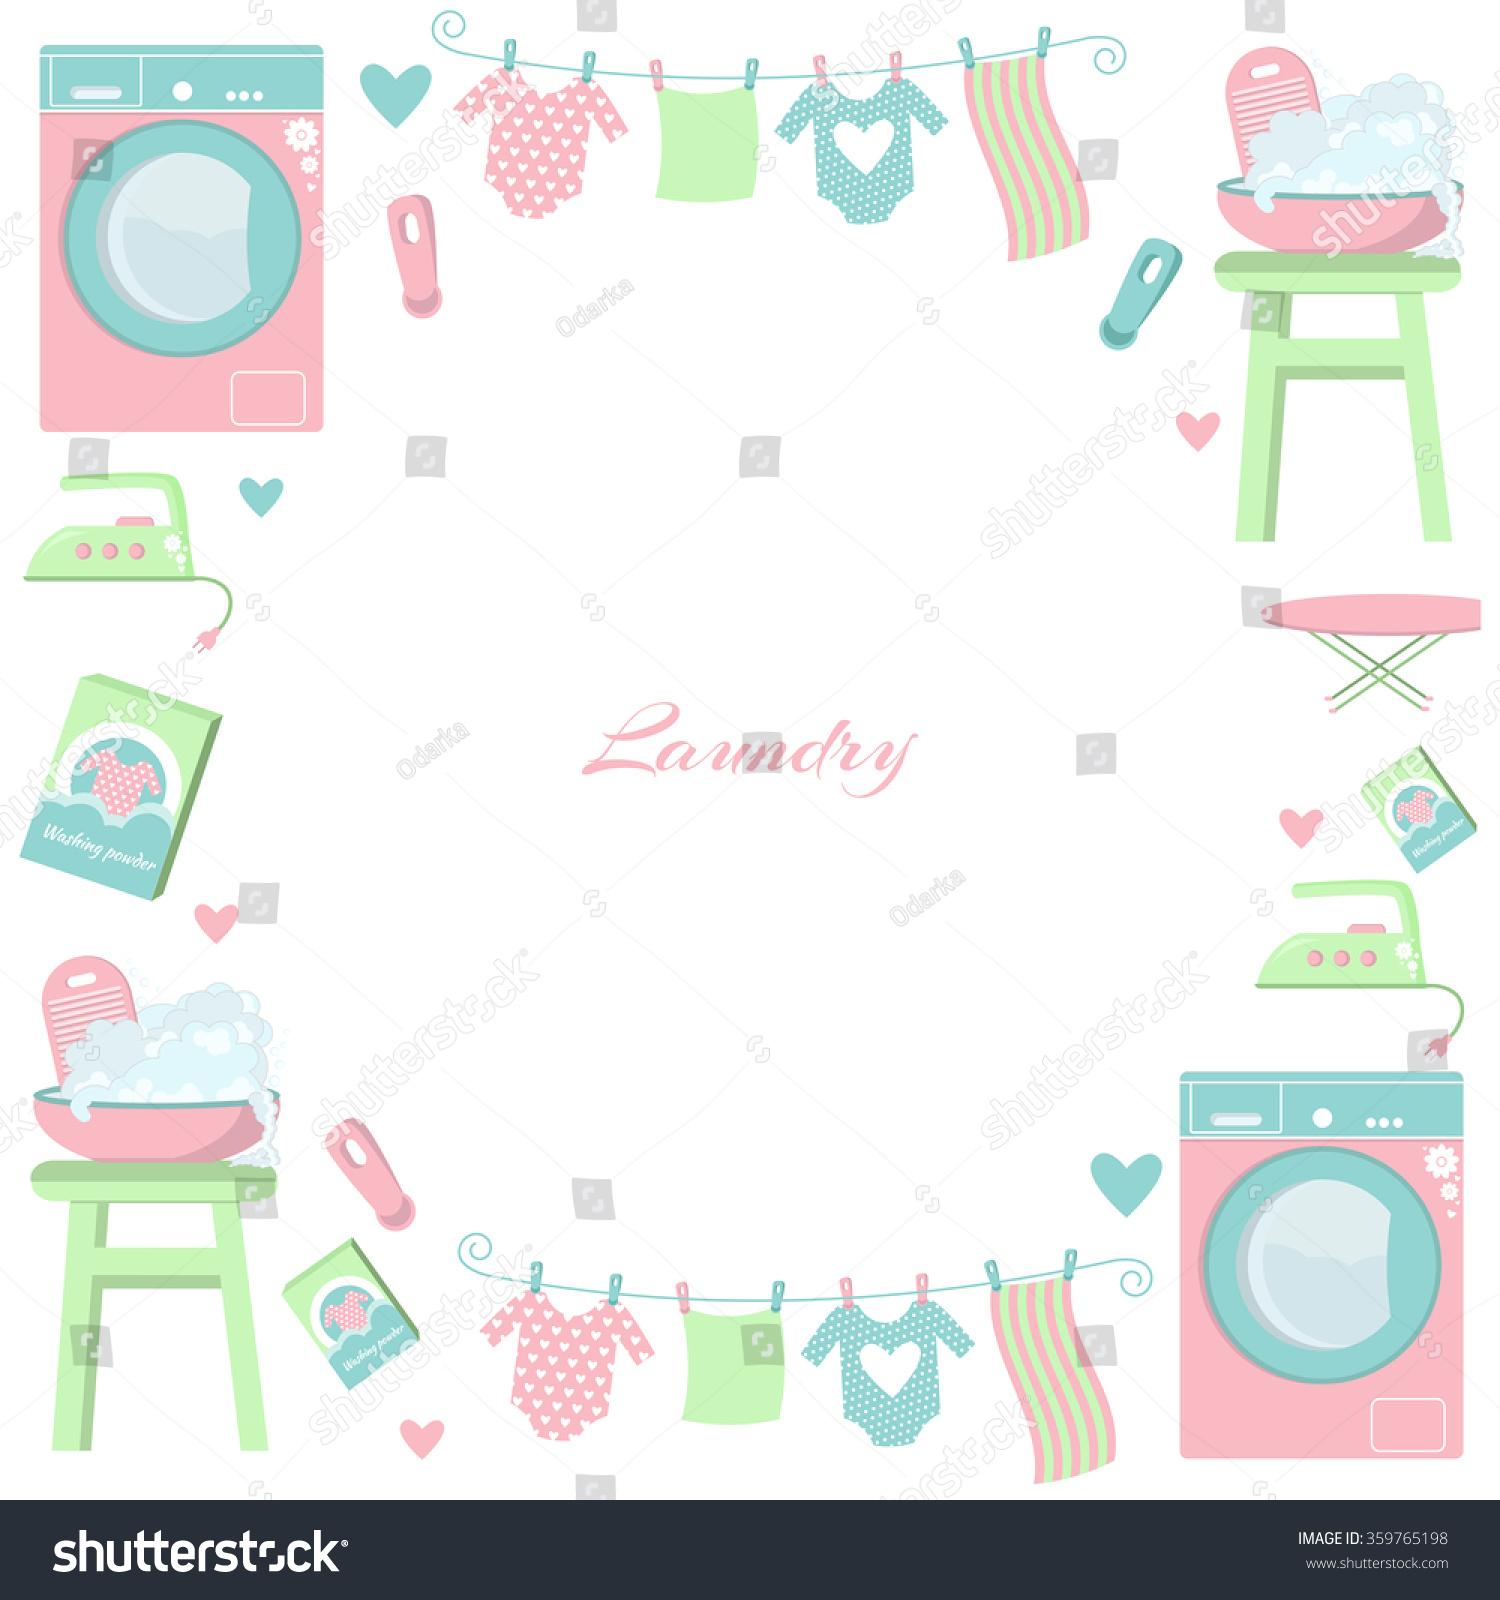 Laundry Frame Circle Laundry Frame Set Laundry Symbols Stock Vector 359765198